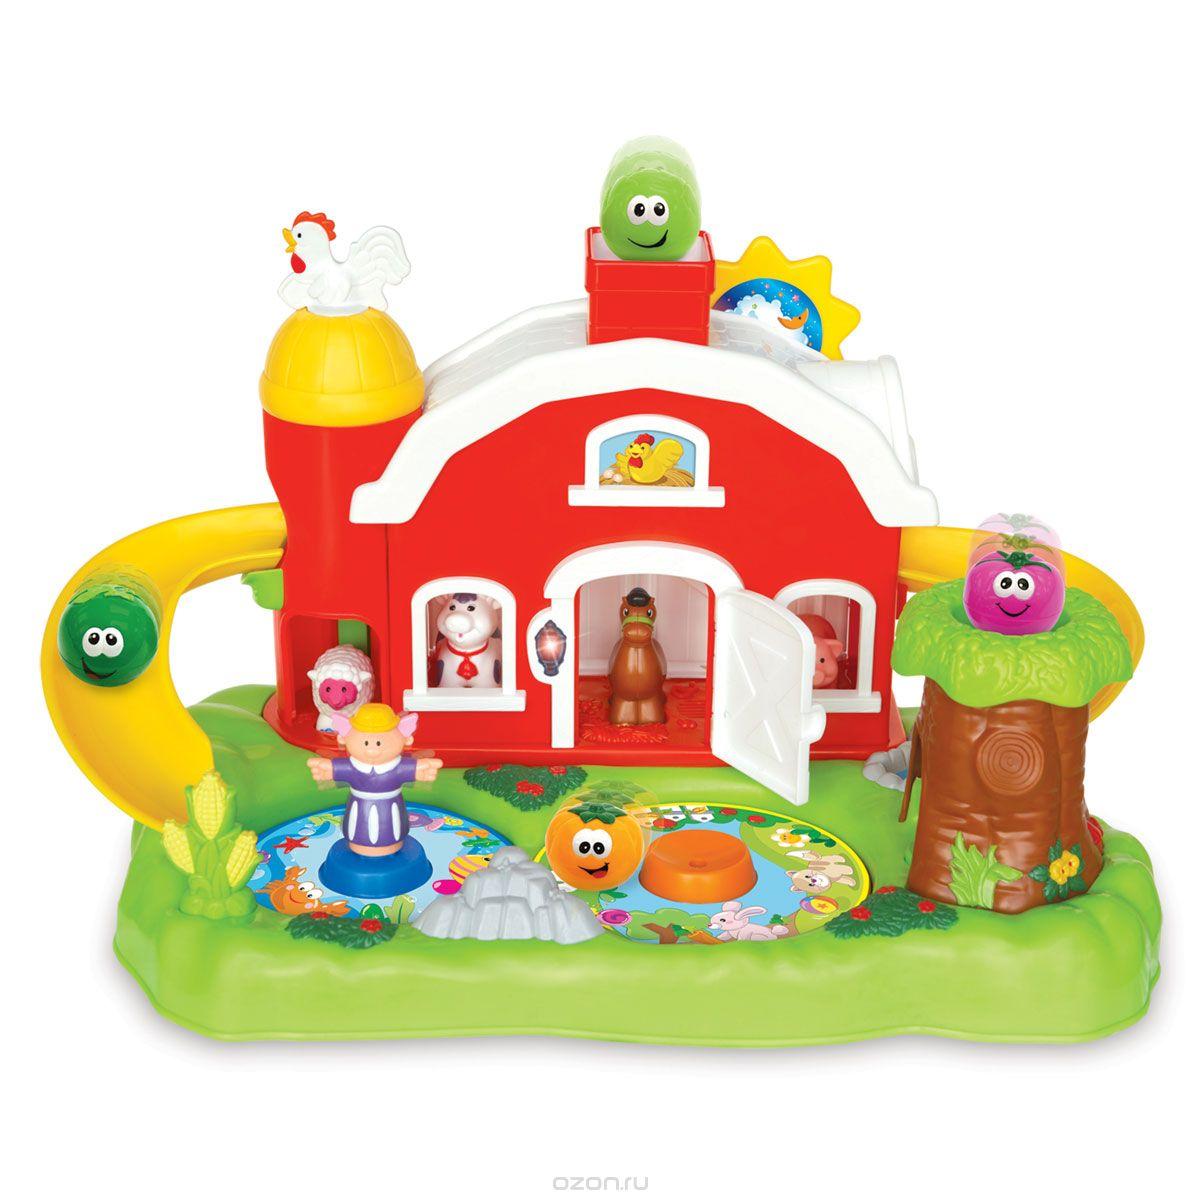 Kiddieland Развивающая игрушка Фермерский дворикKID 035022Развивающая игрушка Kiddieland Фермерский дворик со звуковыми и световыми эффектами обязательно понравится малышу. Дворик представляет собой зеленую лужайку, на которой разместились ферма, дерево, пруд и клумба. Дверь фермы открывается - внутри живут зверушки: корова, лошадка, овечка и свинка. Из трубы выглядывает петух, повернув которого, ребенок услышит забавные мелодии. Еще на крыше есть подвижное солнышко, во время движения которого играет музыка. С двух сторон от домика отходят желтые горки, очень похожие на бананы. Если бросить в трубу один из шариков, он выкатится на горку и спустится вниз с одной стороны, или выскочит из дерева - с другой. Животные умеют подавать голос, также играет музыка, светятся лампочки. Игрушка развивает мелкую моторику, мышление, зрительное и звуковое восприятие. Рекомендуемый возраст: от 18 месяцев. Питание: 3 батарейки типа АА (входят в комплект).